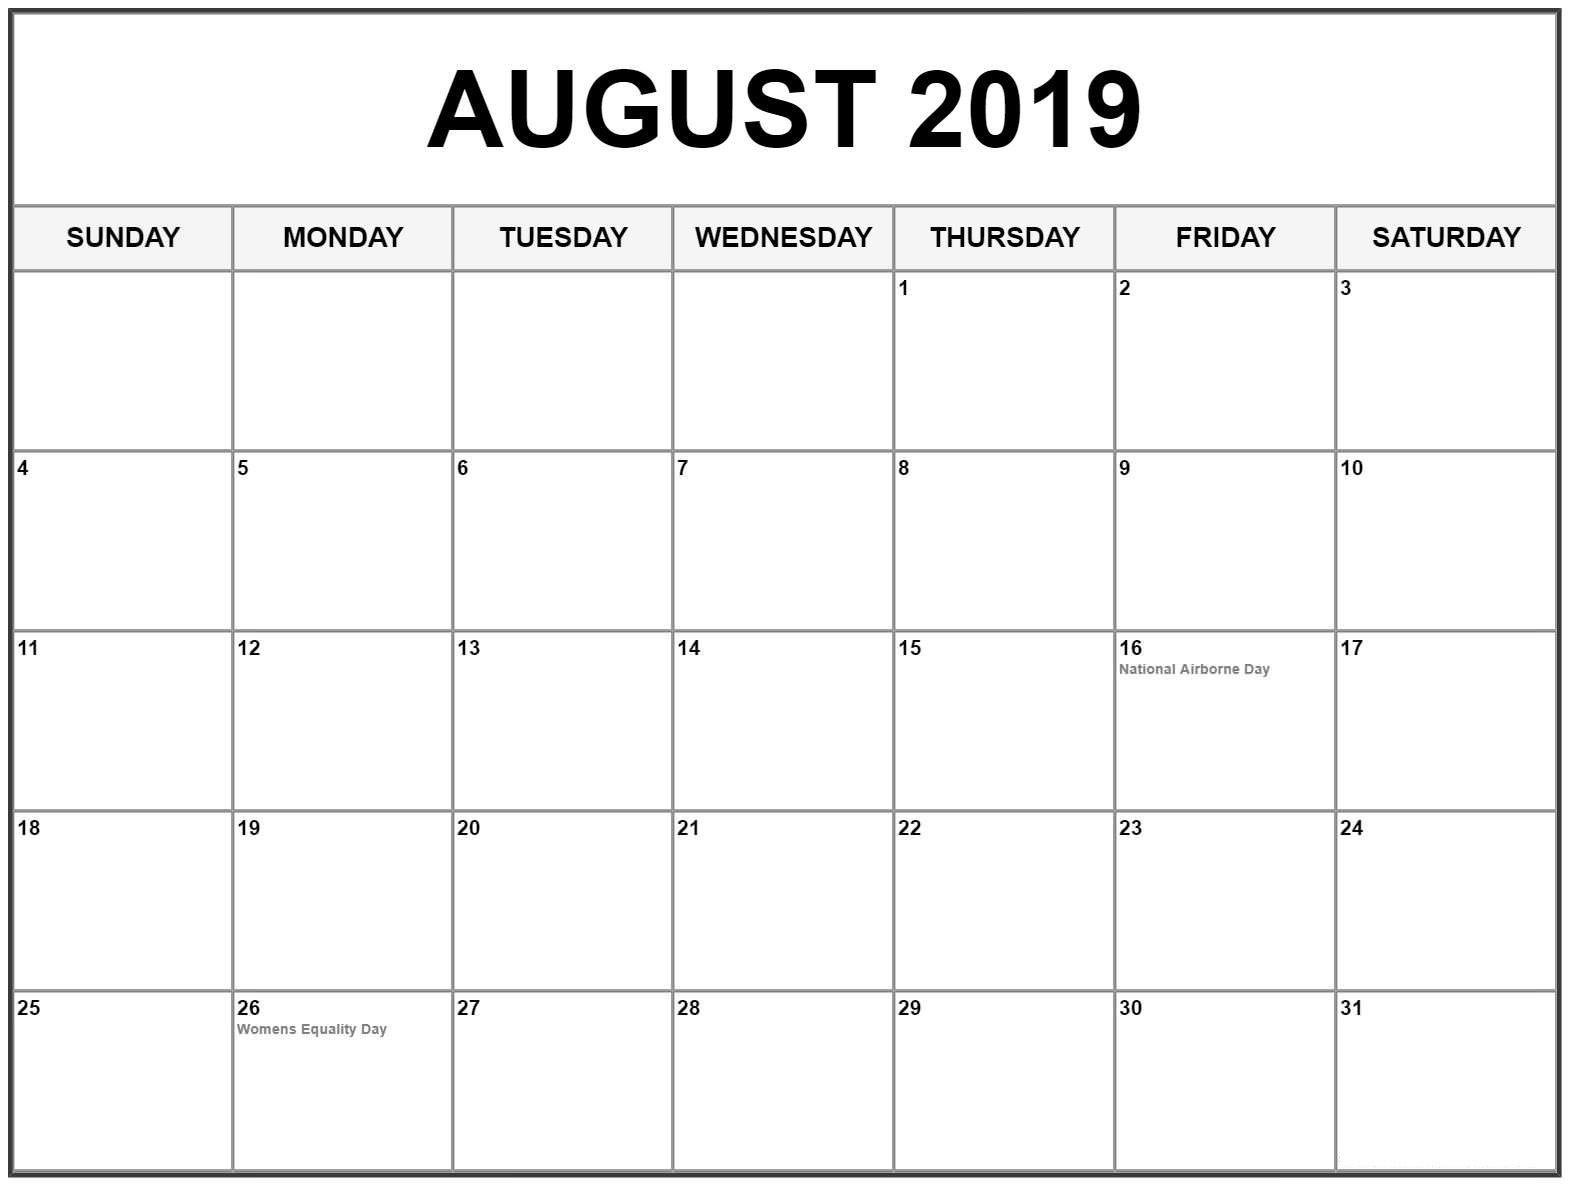 August 2019 Calendar.August 2019 Calendar With Holidays Usa Canada August 2019